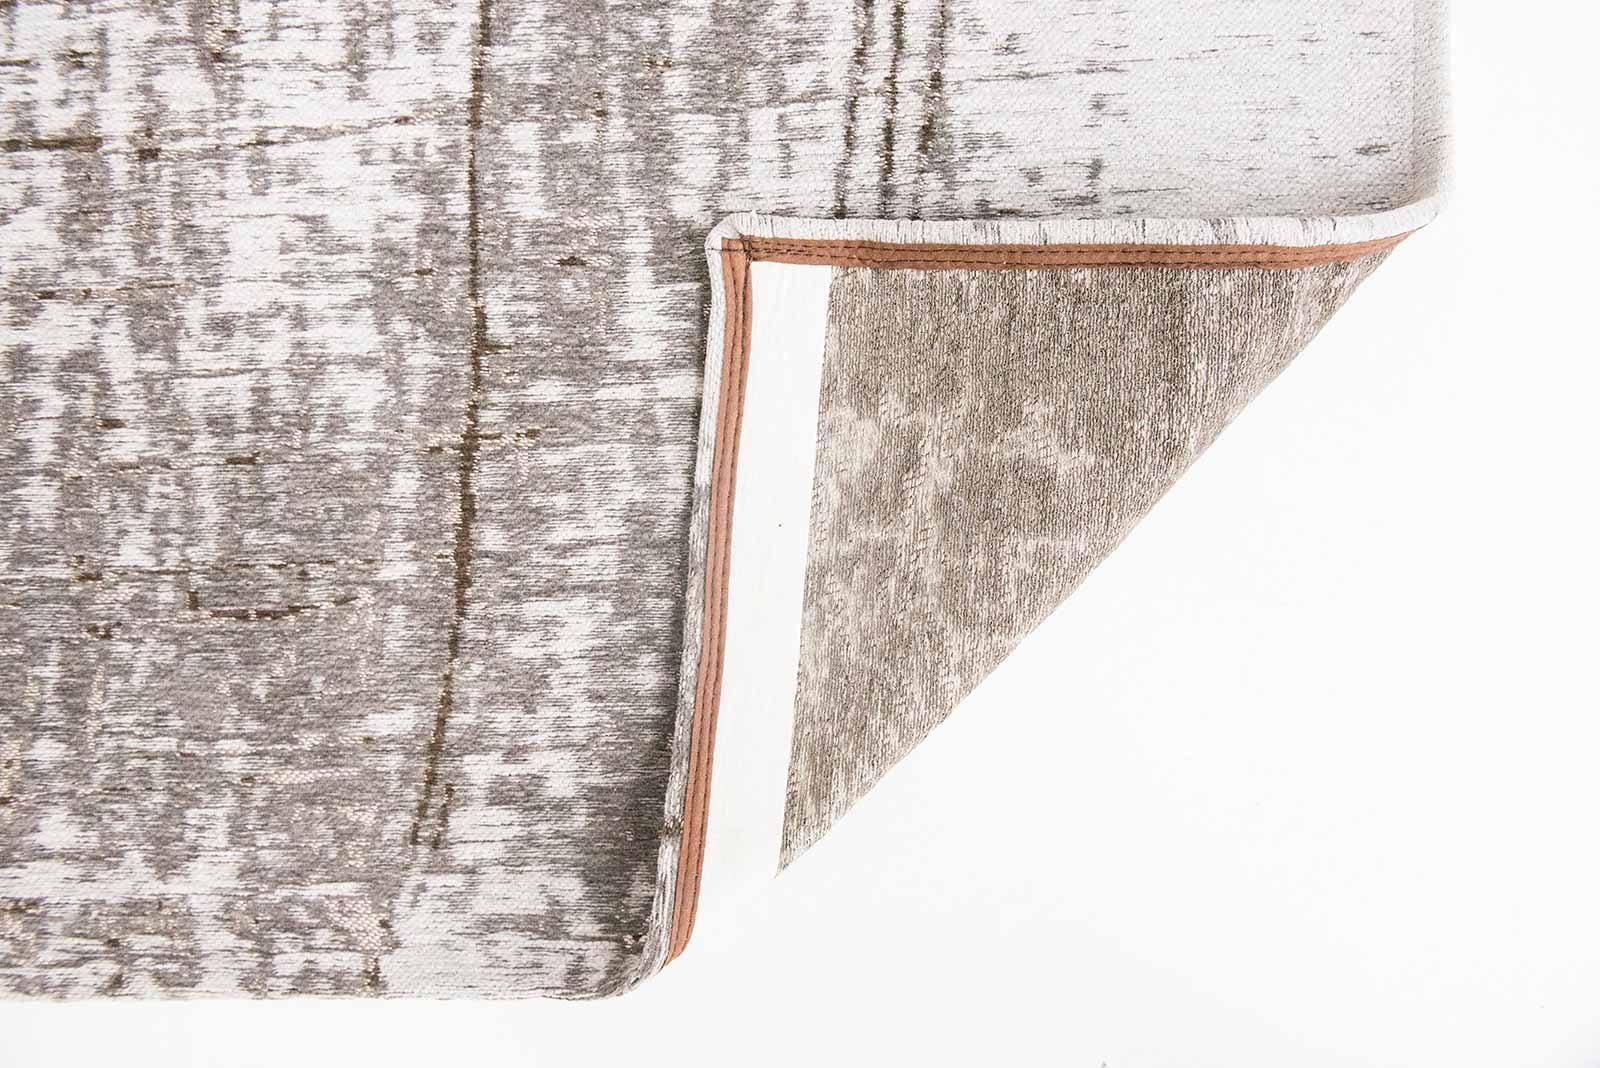 alfombras Louis De Poortere LX 8785 Mad Men Griff Concrete Jungle back